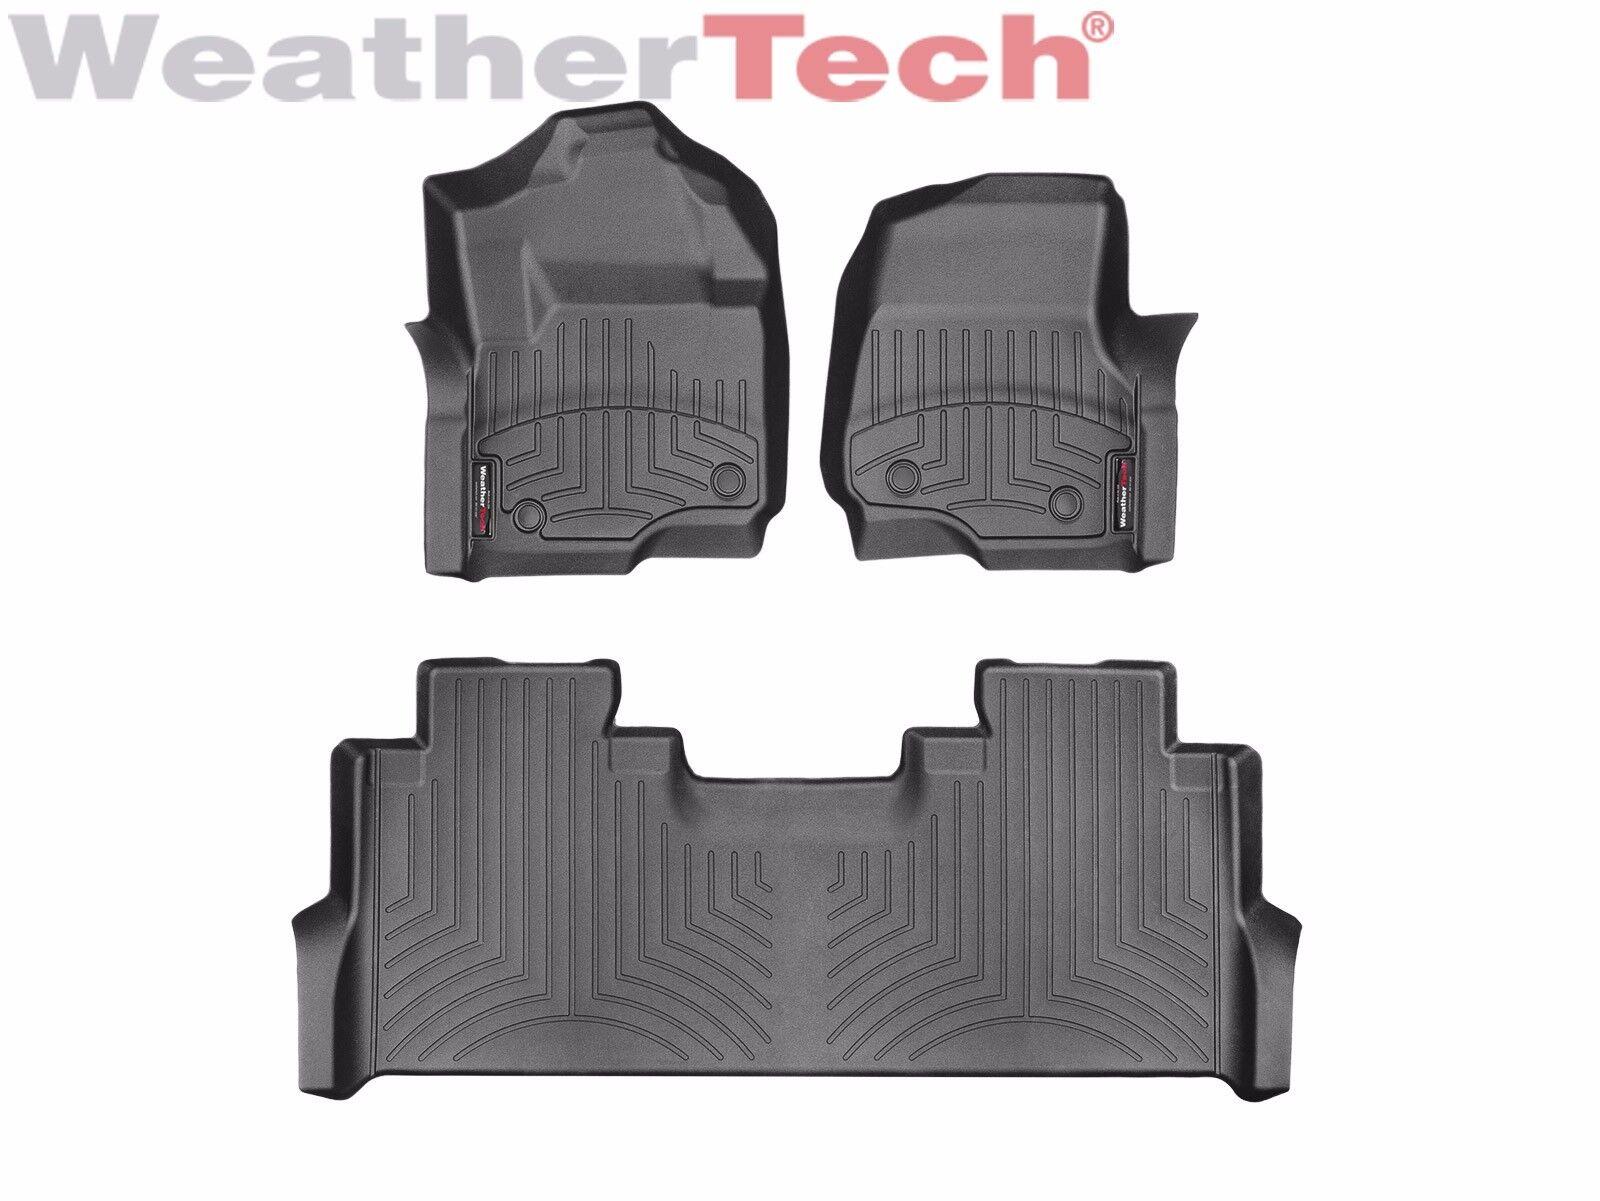 Where to buy weathertech floor mats - Weathertech Floor Mats Floorliner For Ford Super Duty Crew Cab 2017 Black